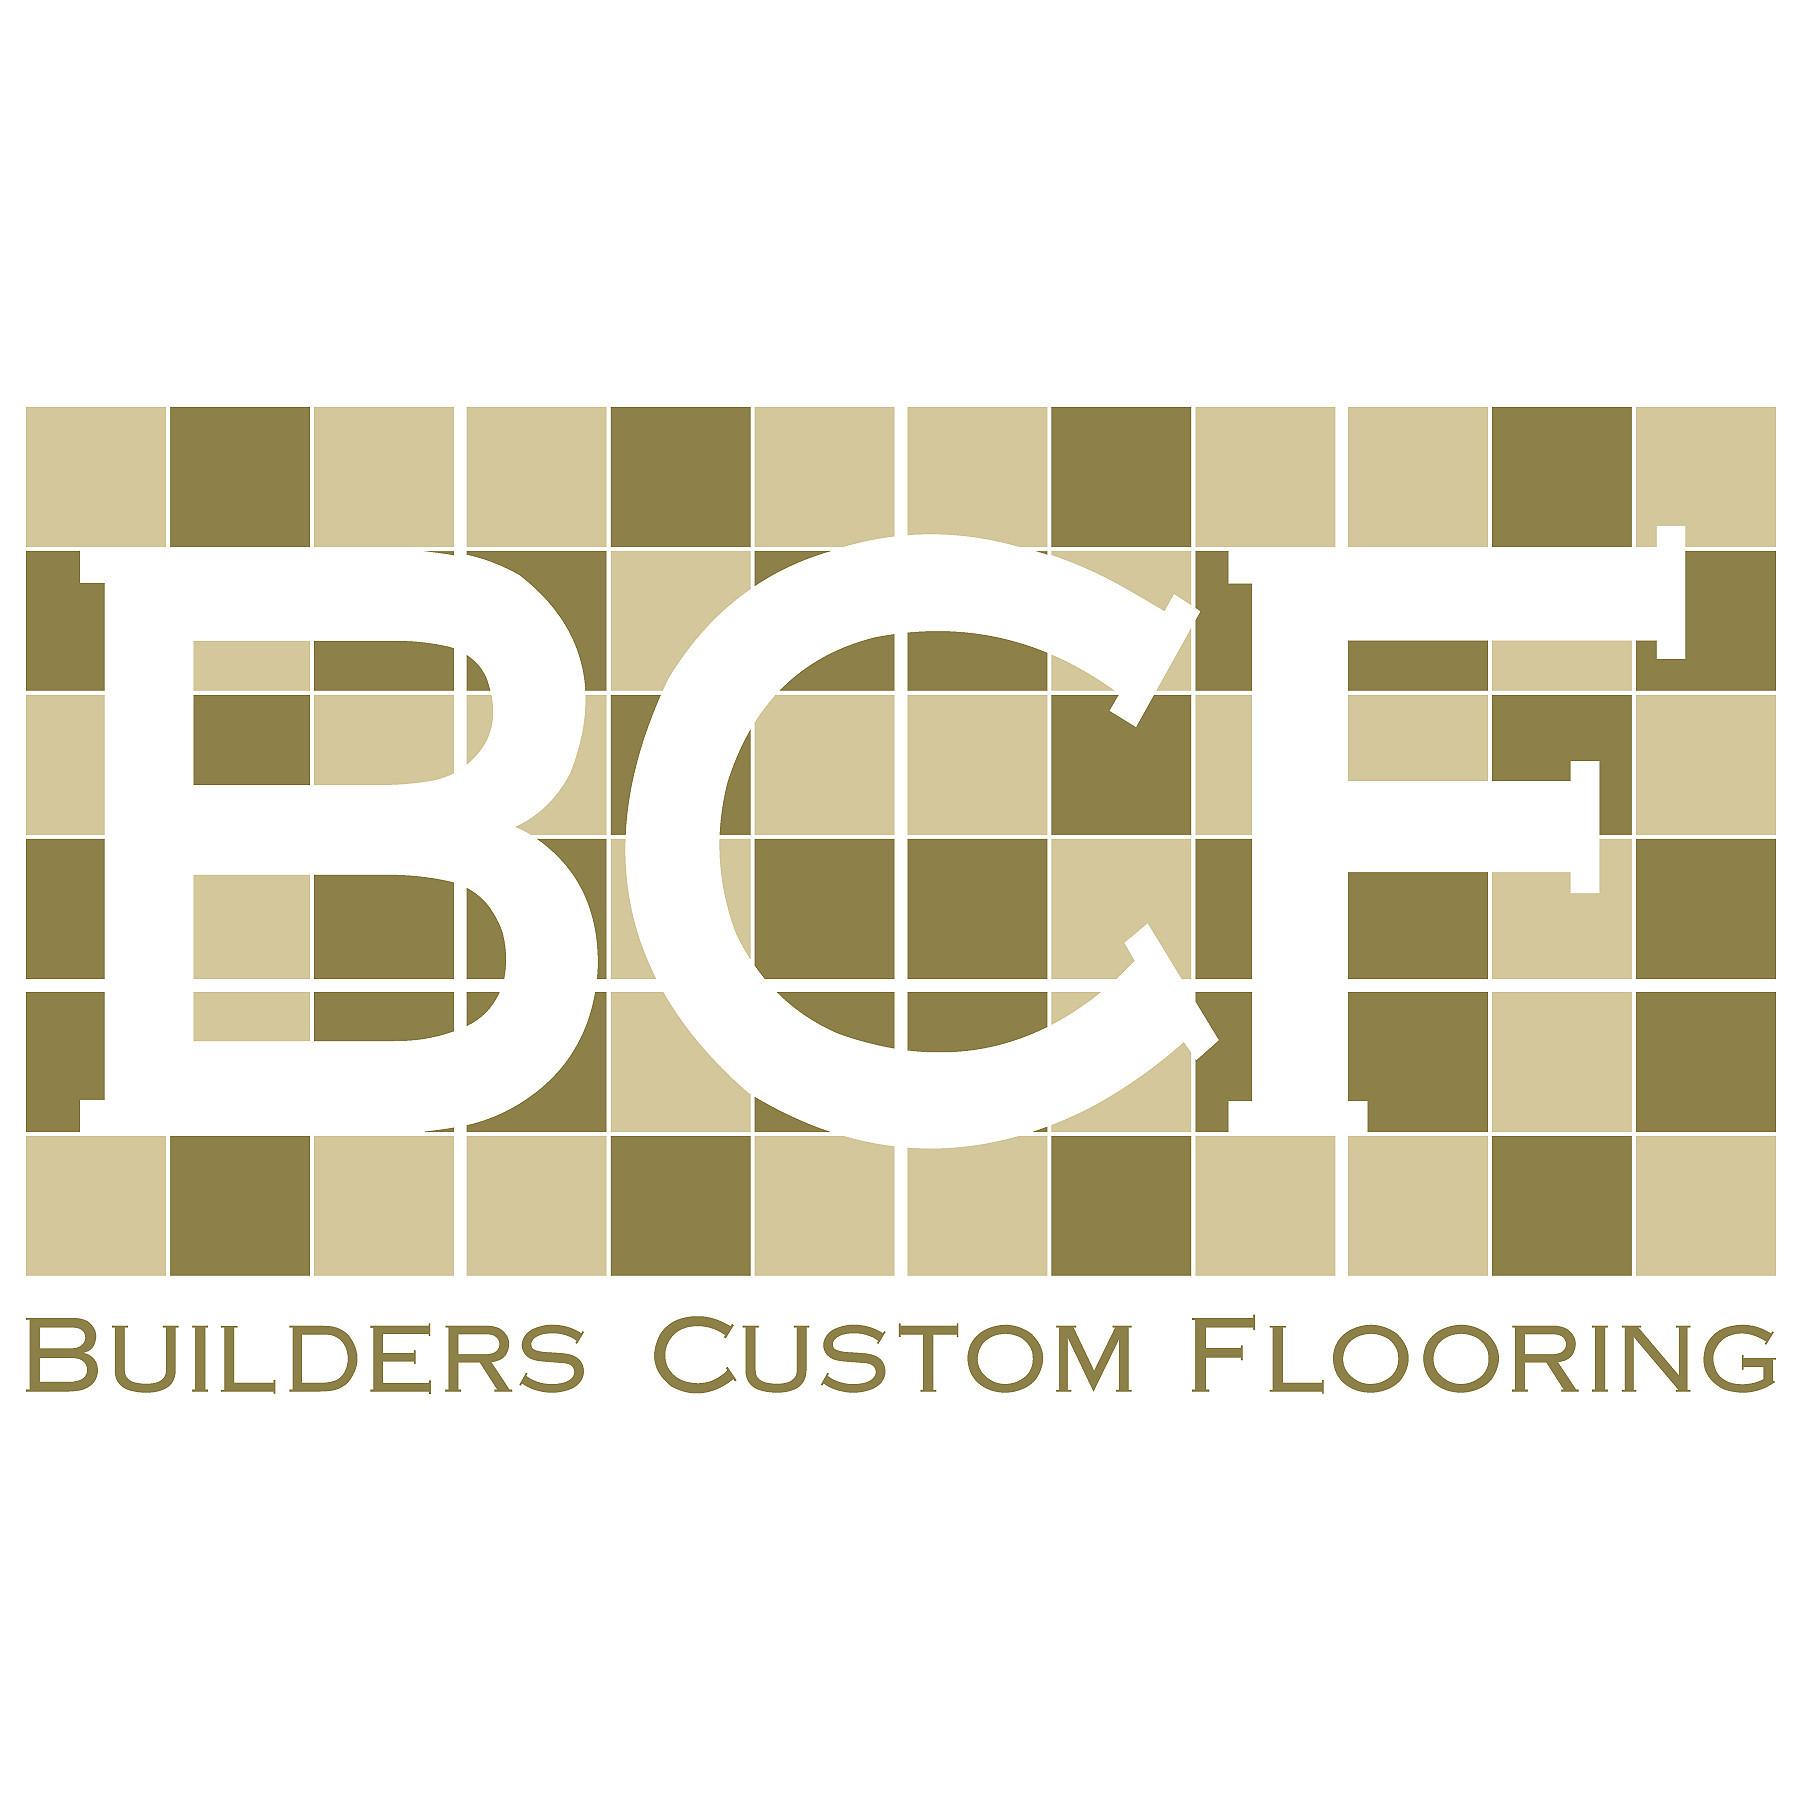 Builders Custom Flooring